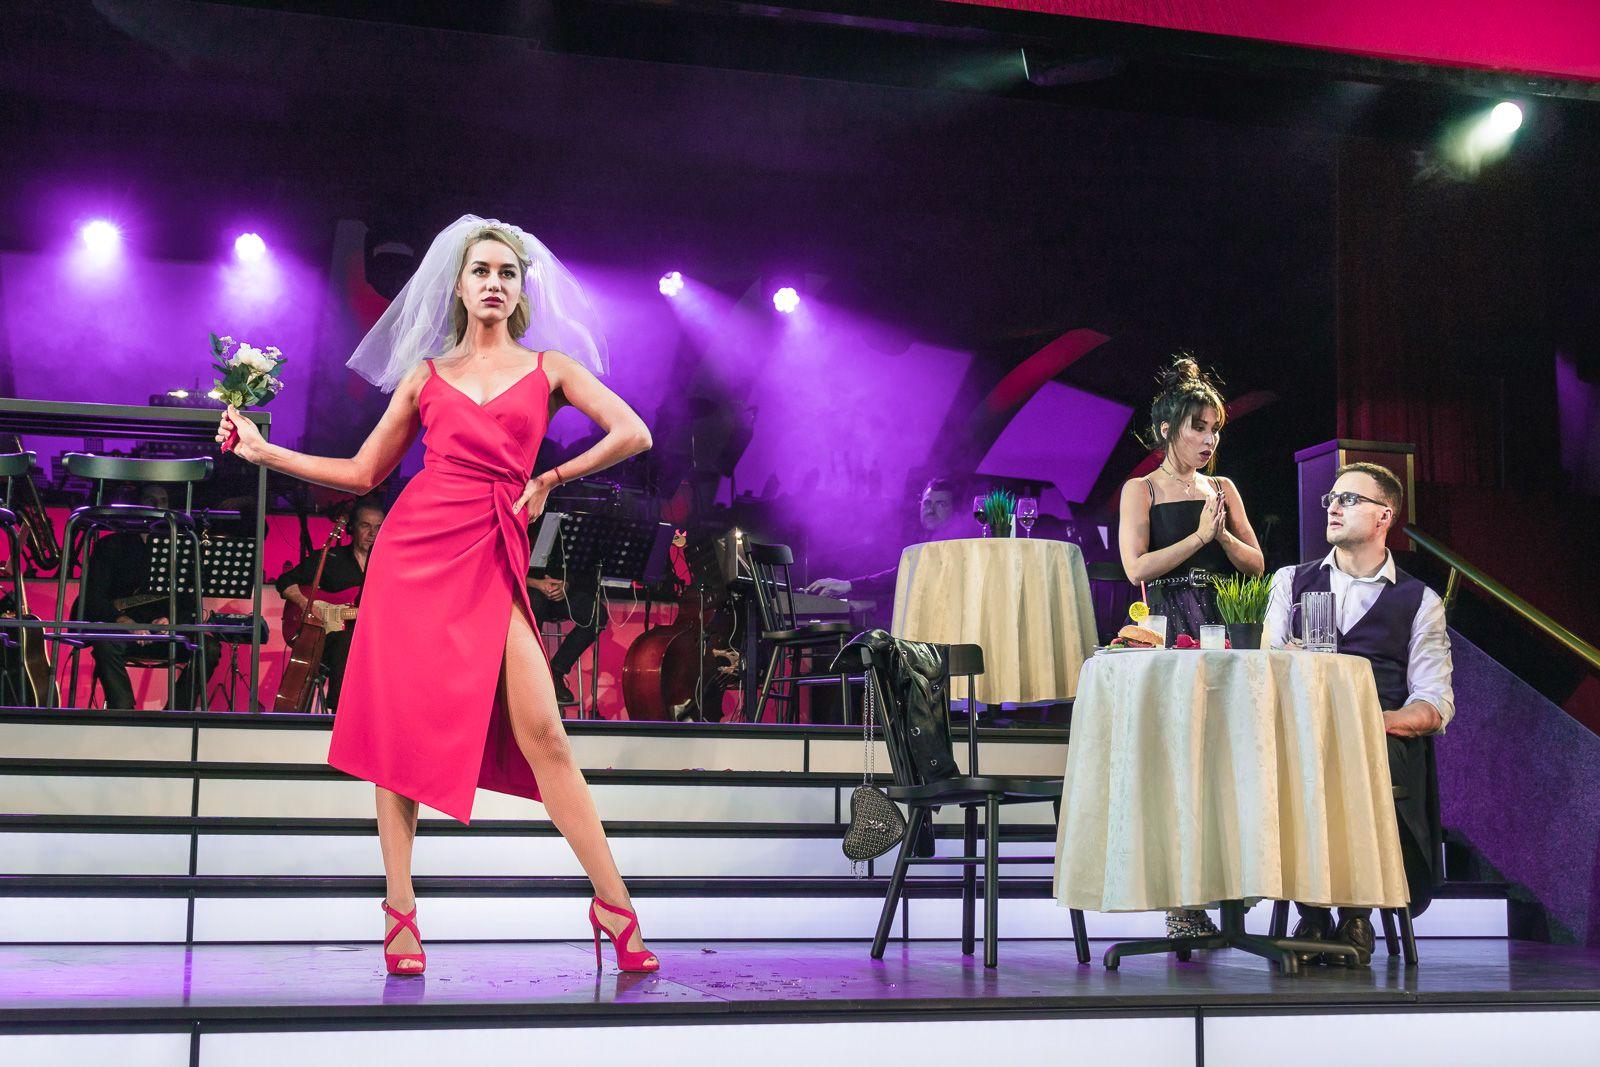 Мюзикл за столиками «Первое свидание» в Театре МДМ фото 5